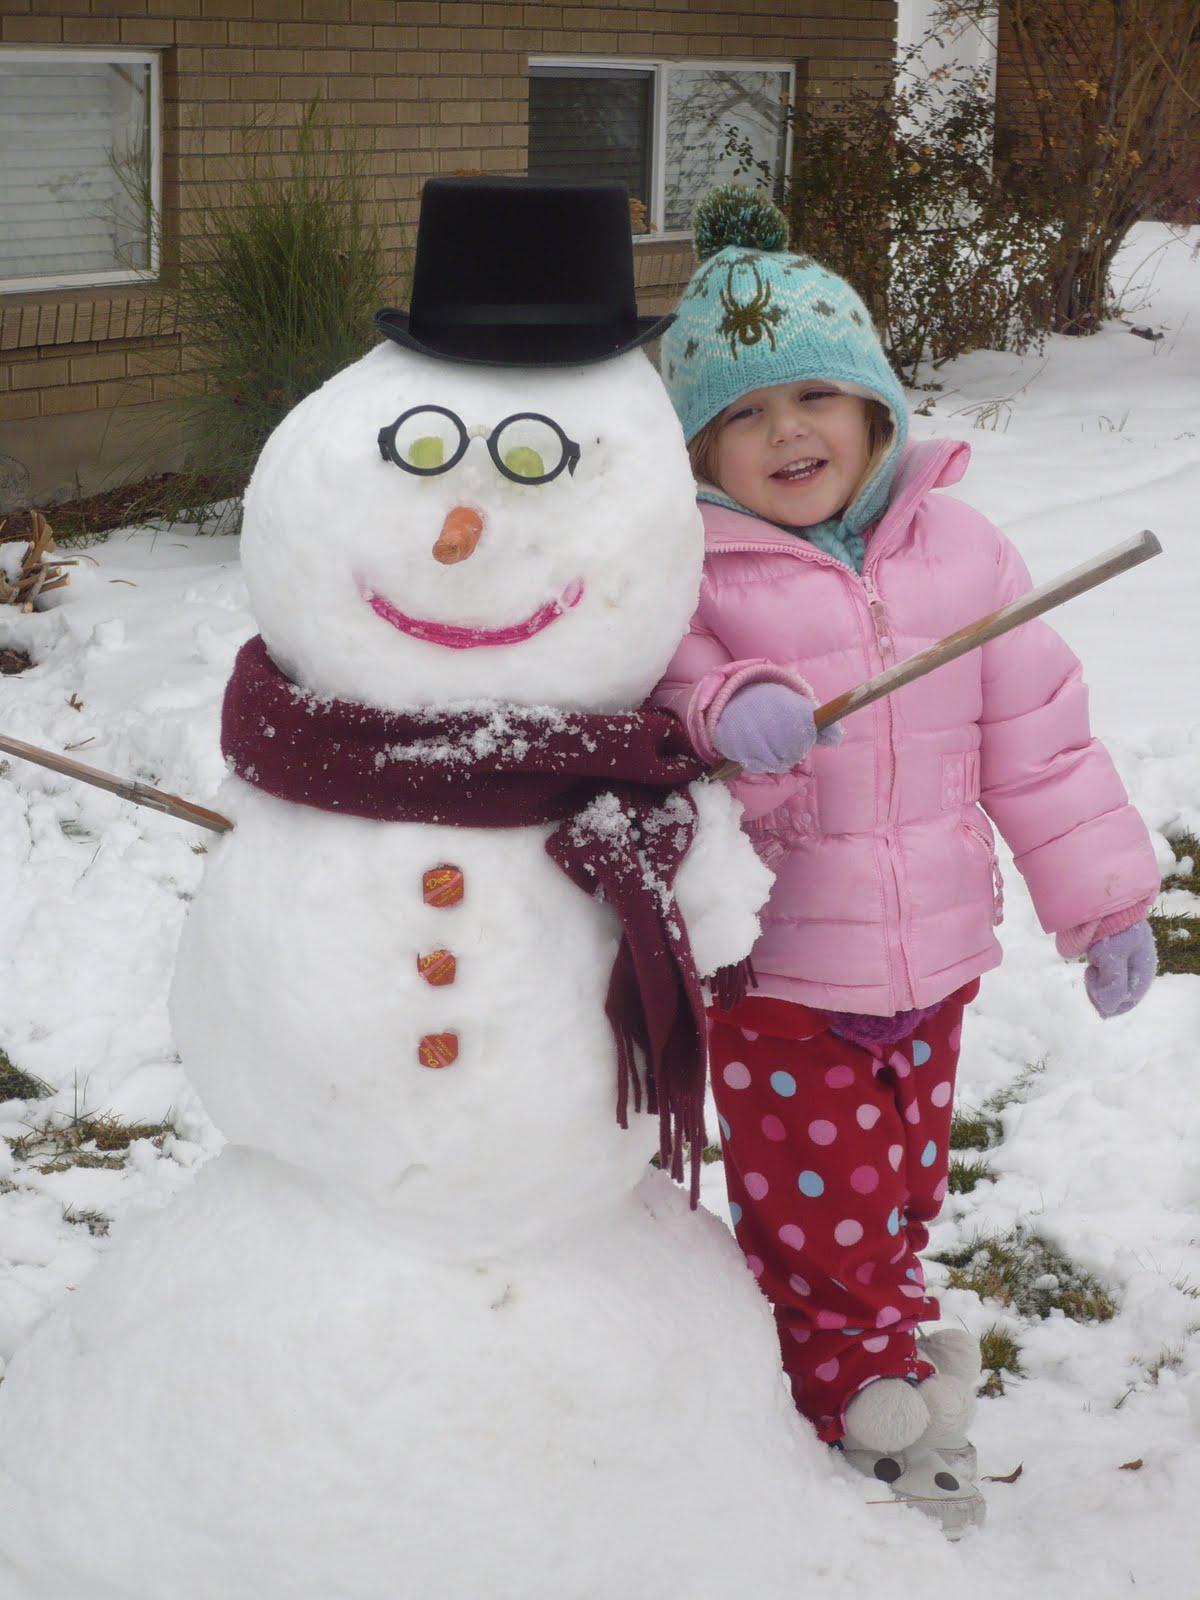 [snowman-bell.JPG]